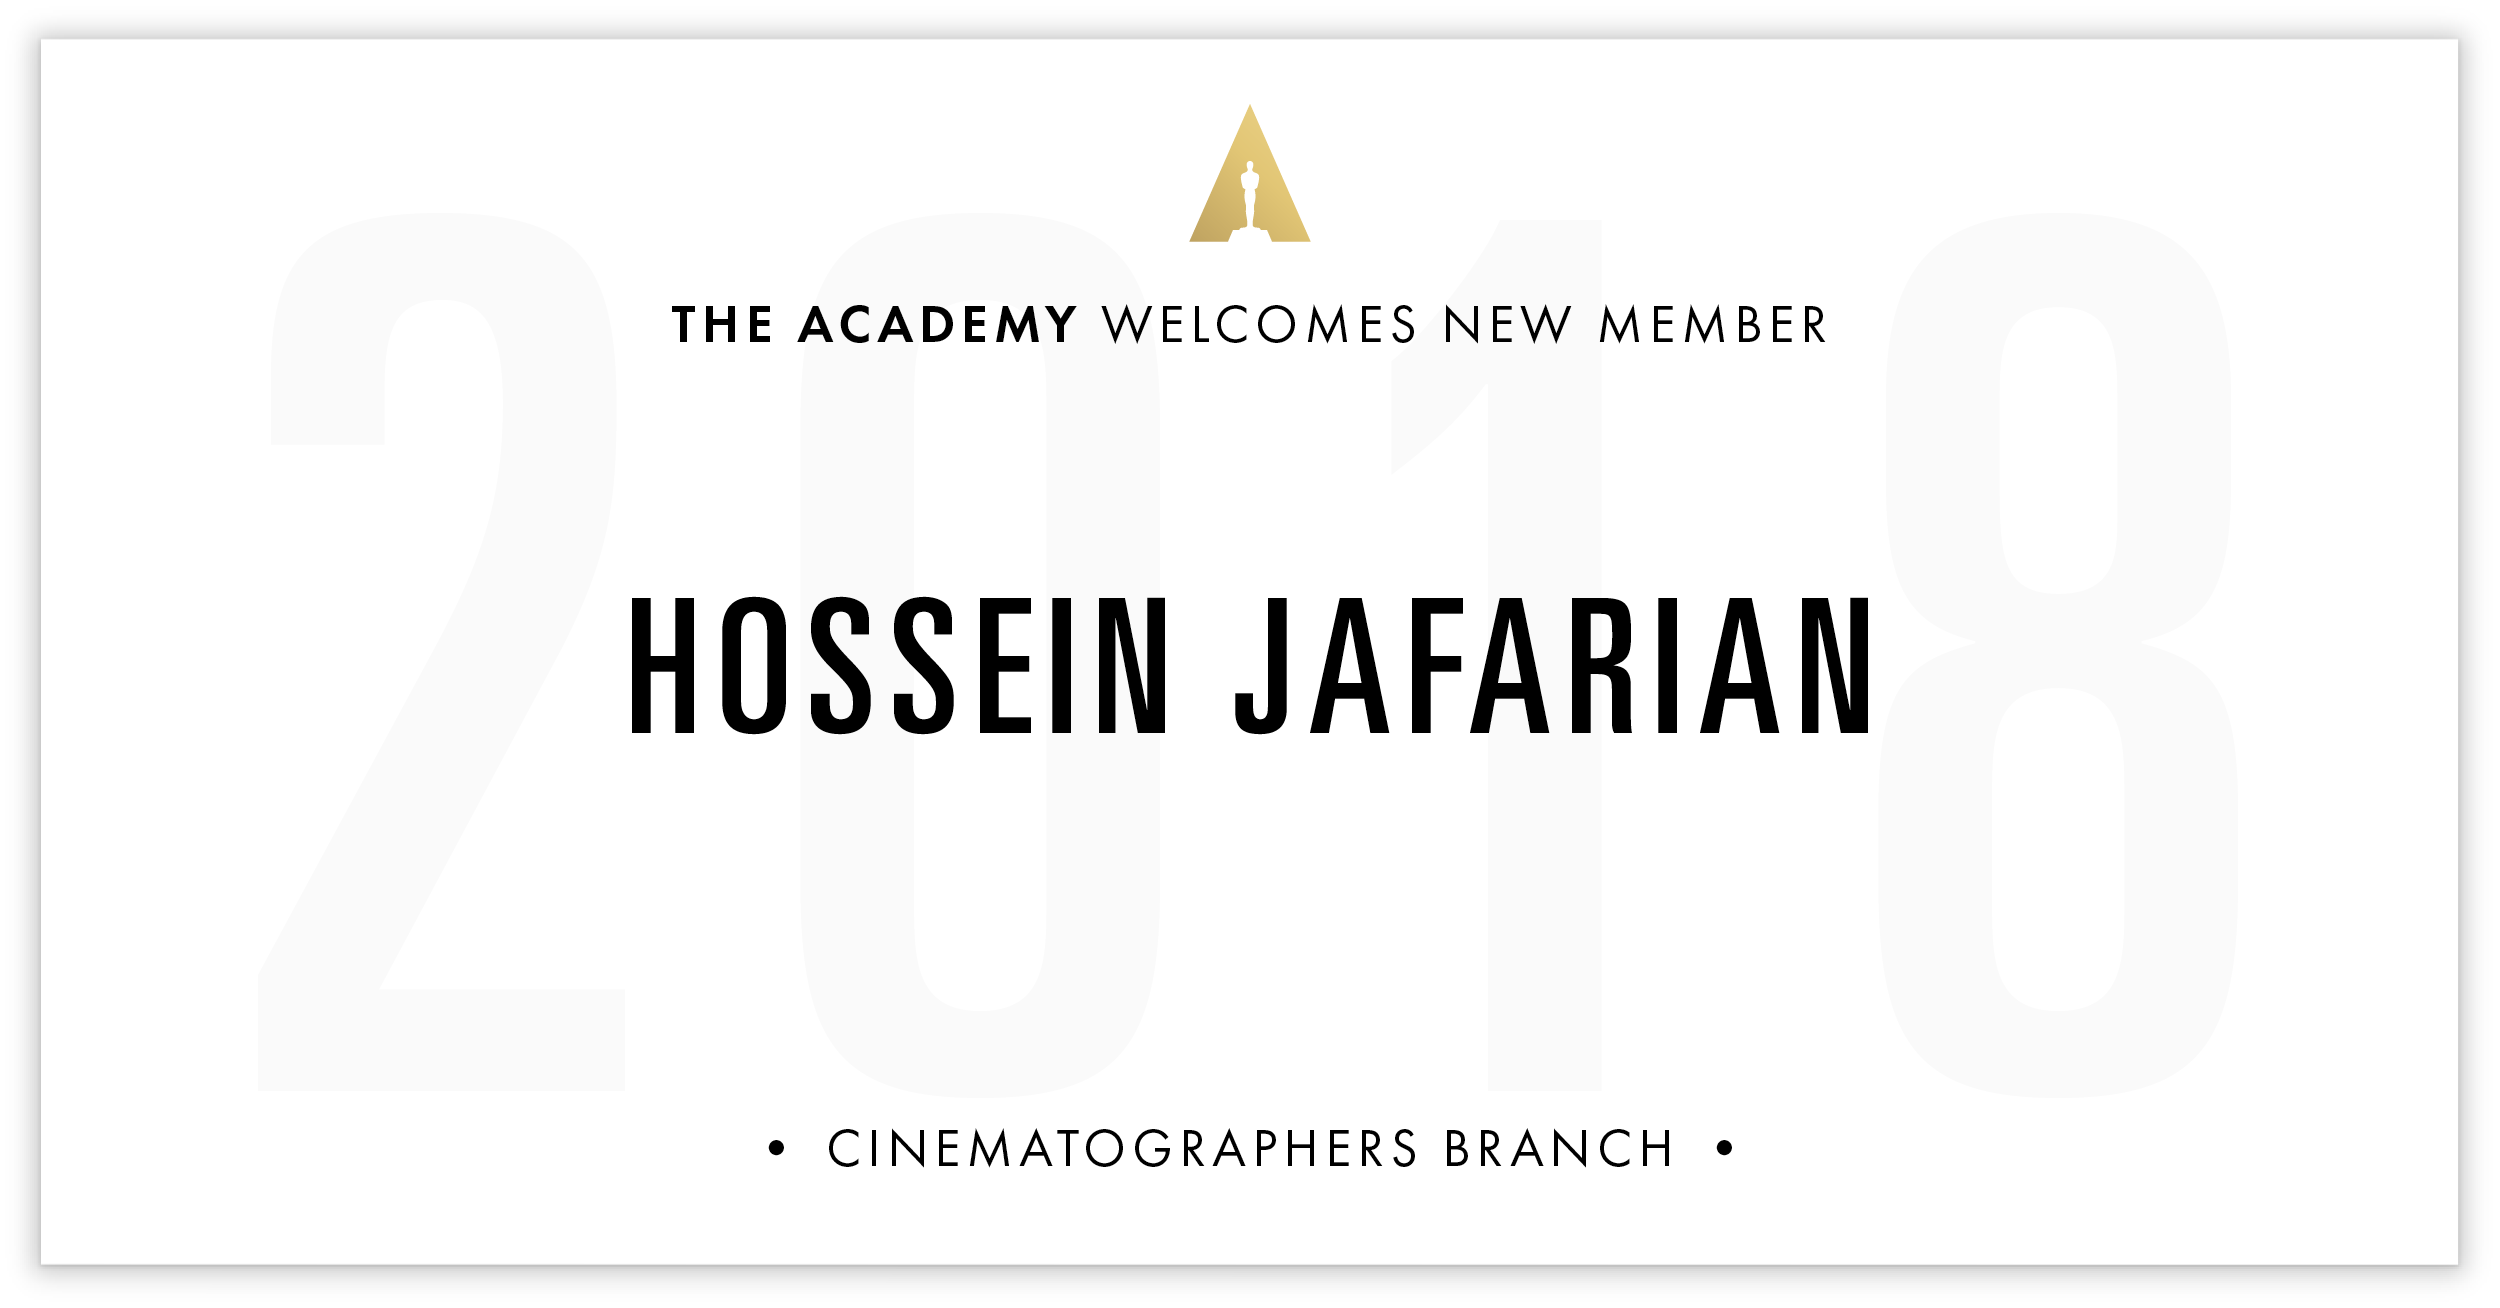 Hossein Jafarian is invited!